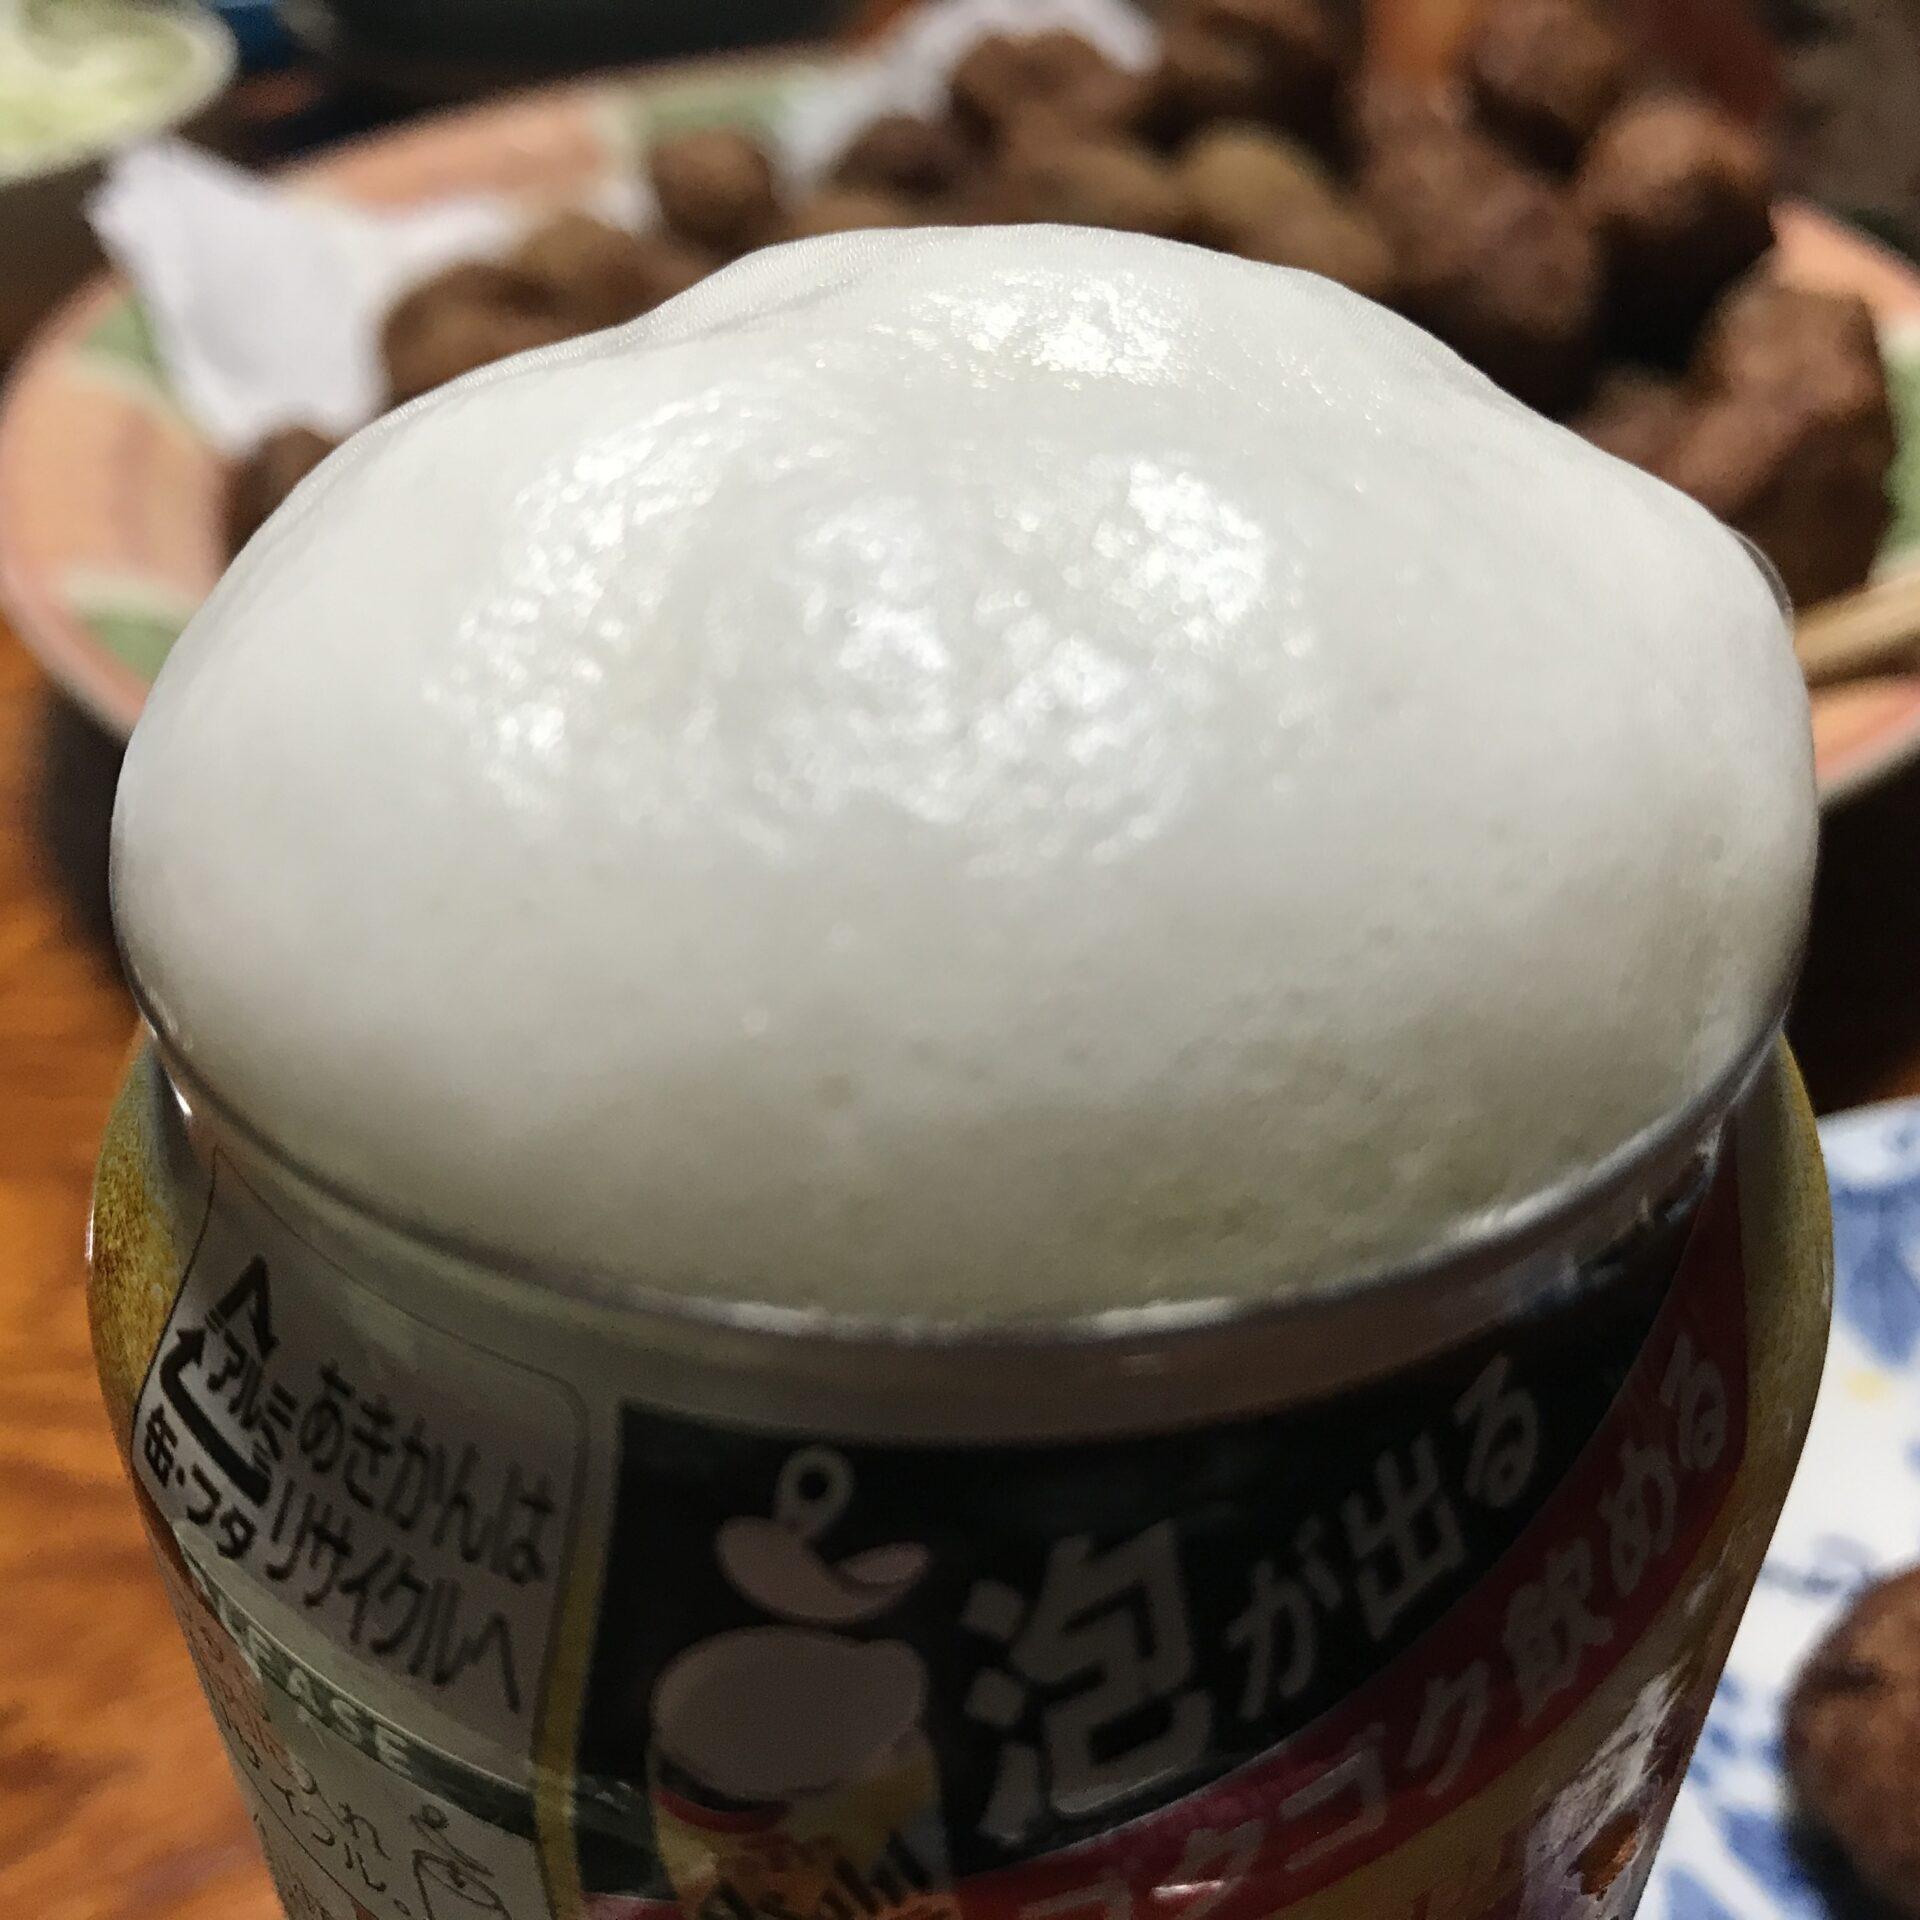 【衝撃】スーパードライ生ジョッキ缶をレビュー!あふれる泡に感動した